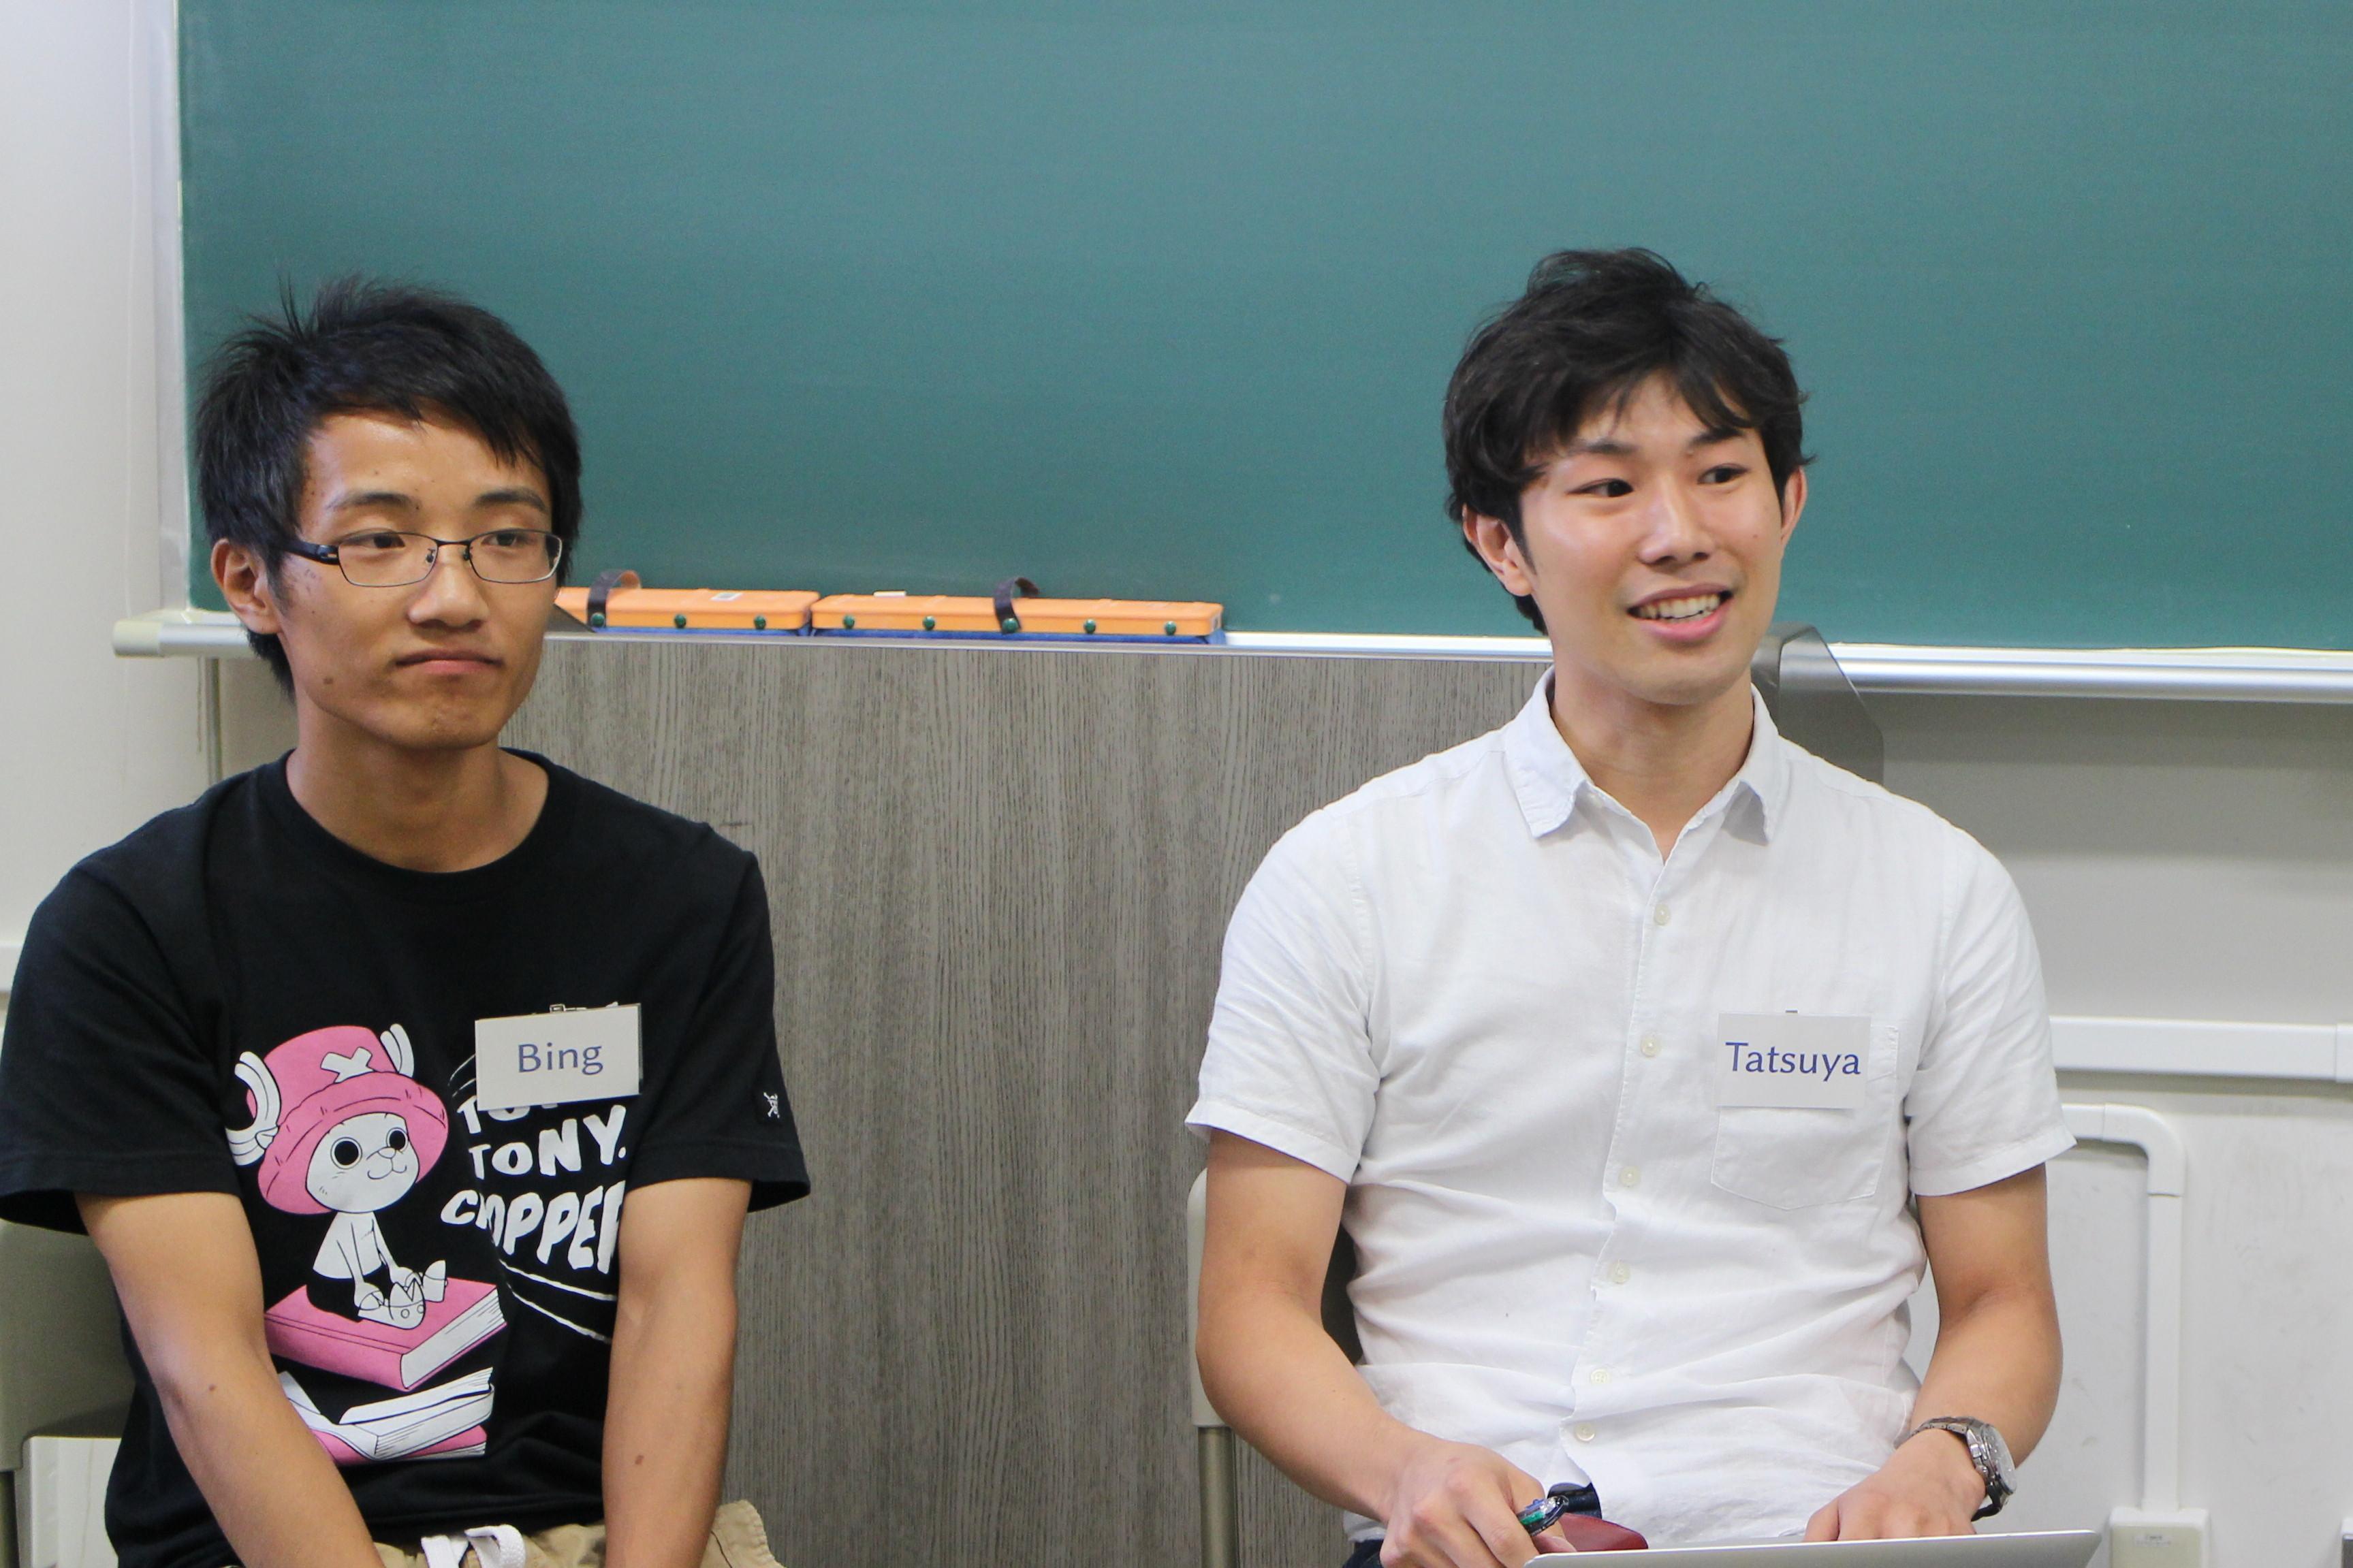 左:Bing Liuさん 右:石川達也さん